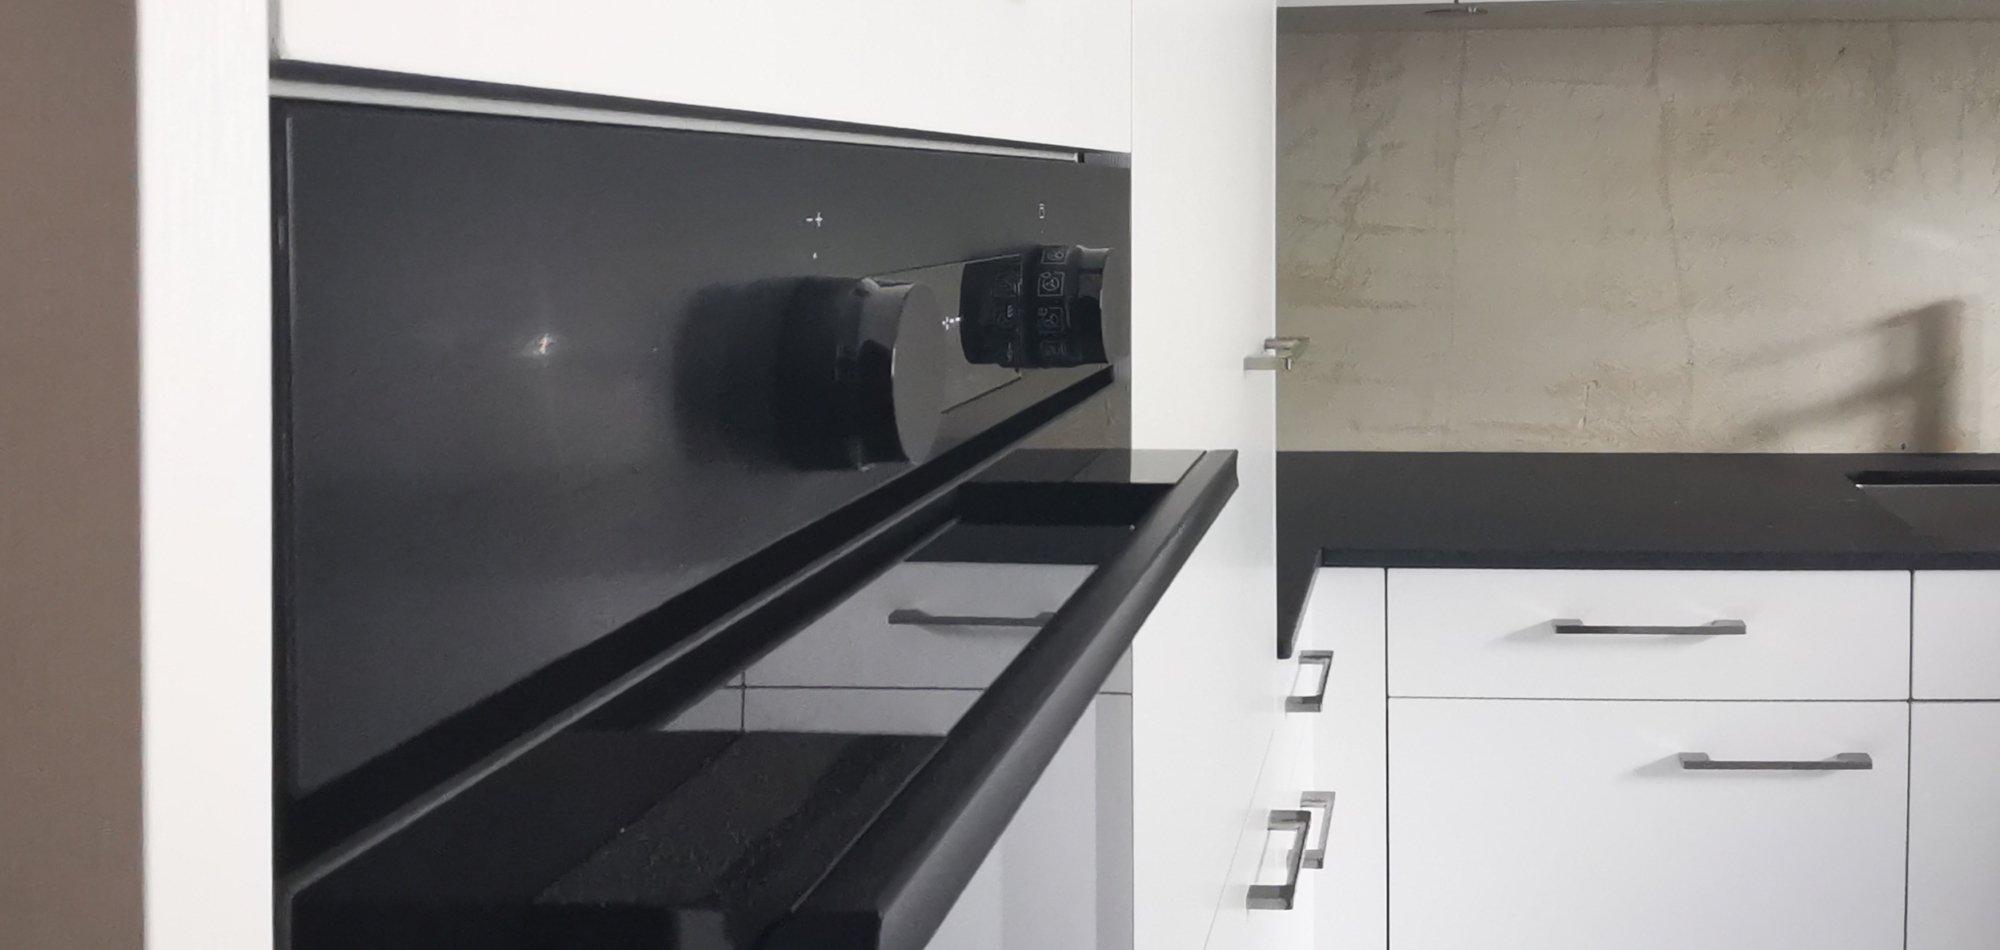 moderne Küchenapparate in der umgebauten Küche